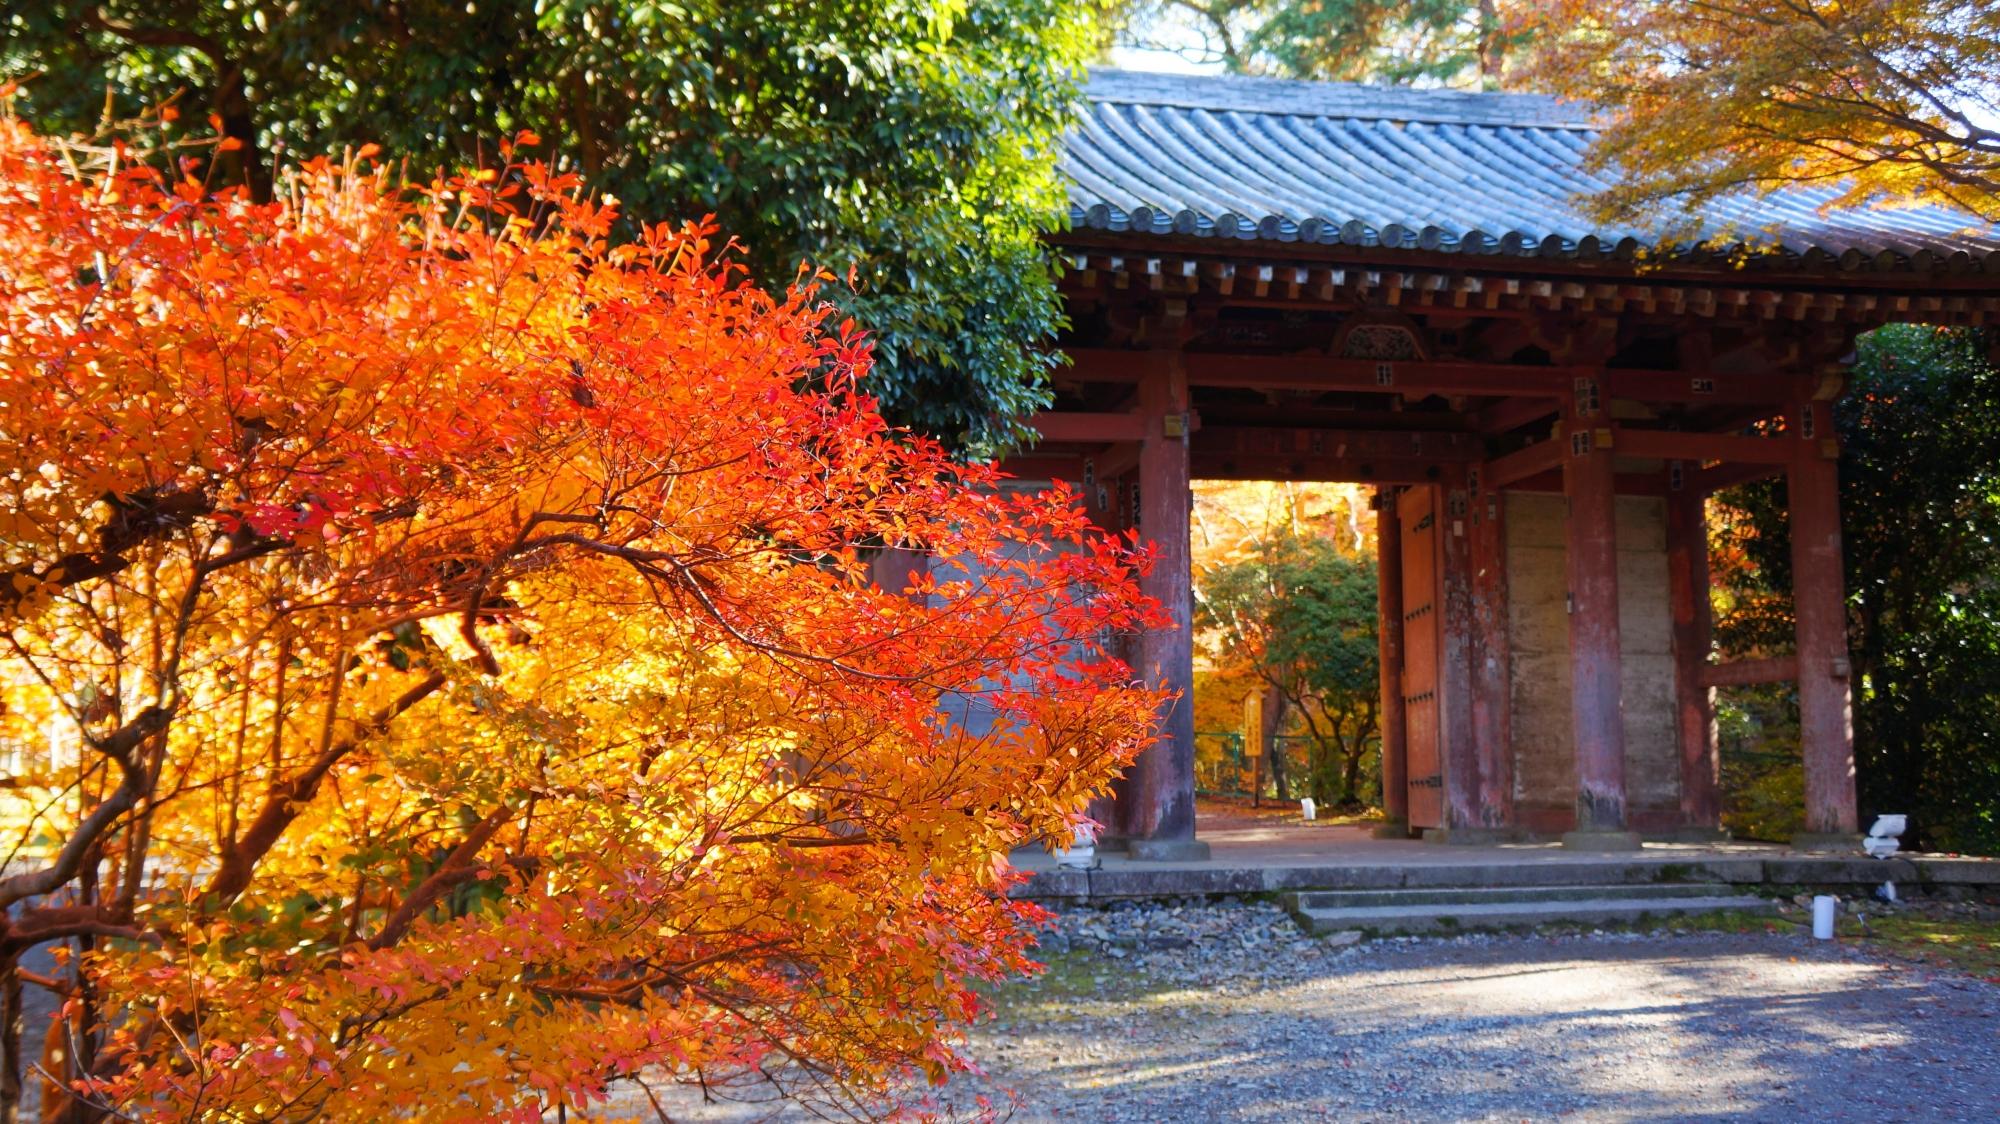 醍醐寺の中門と煌くツツジの紅葉